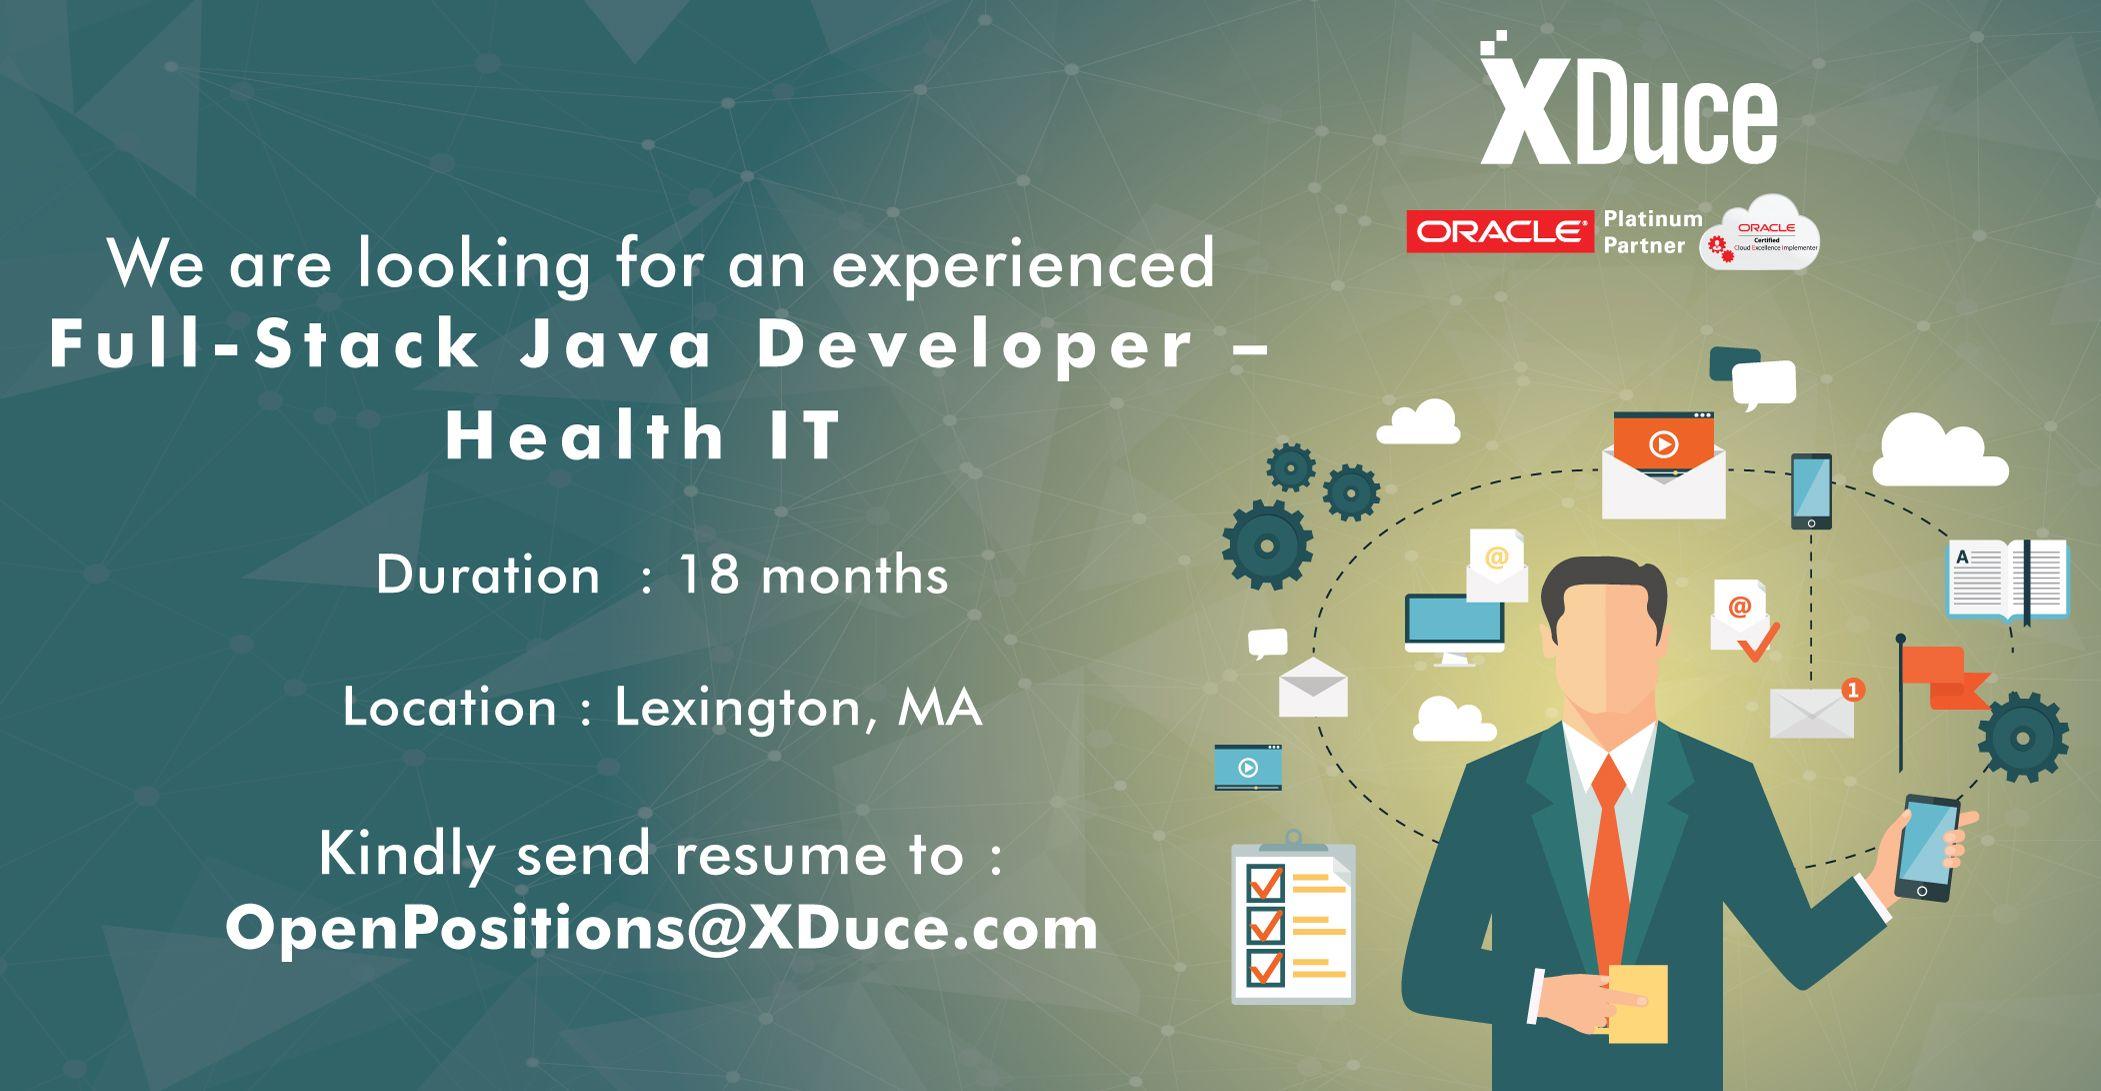 Looking for a senior fullstack java developer to work